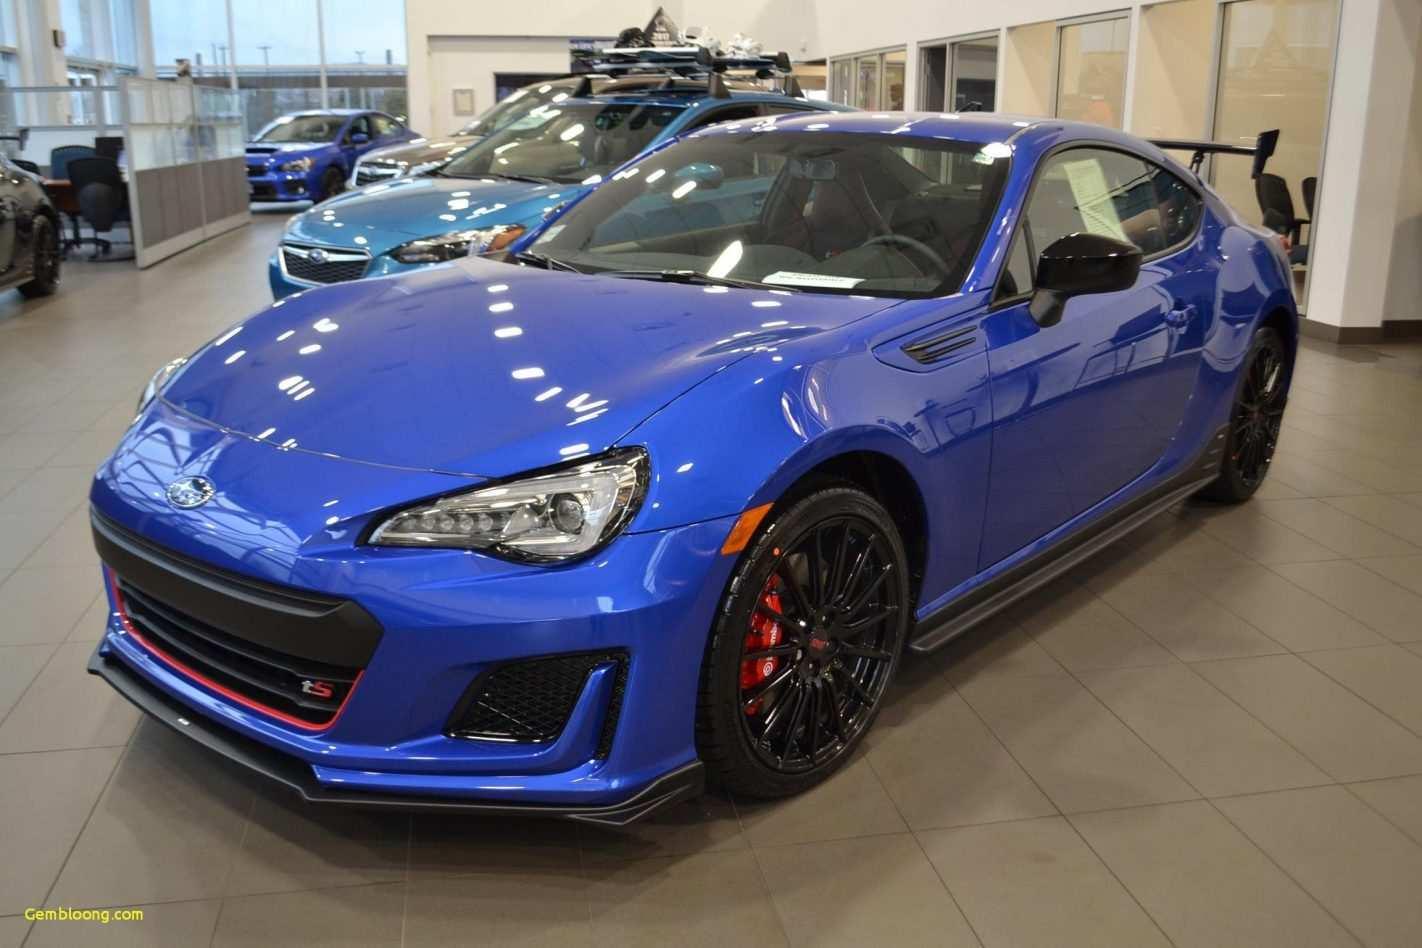 49 All New 2019 Subaru Brz Turbo Pictures with 2019 Subaru Brz Turbo